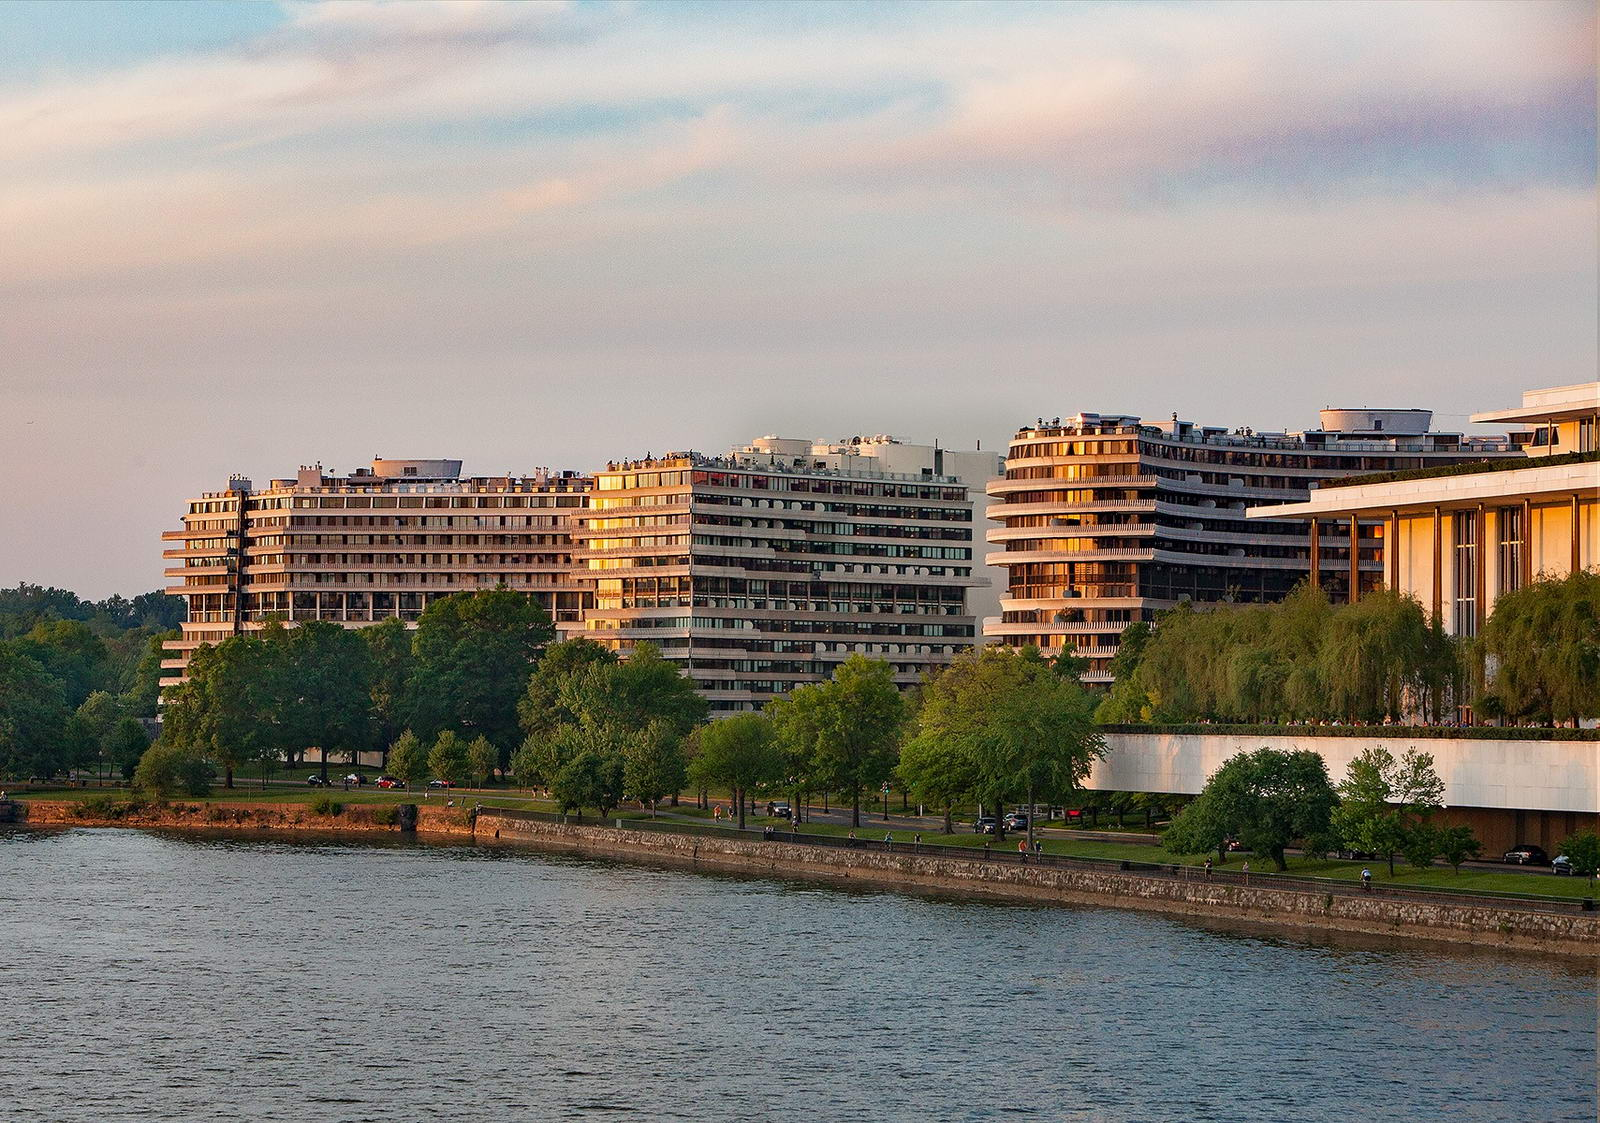 L'hôtel Watergate, lieu clef du scandale du Watergate